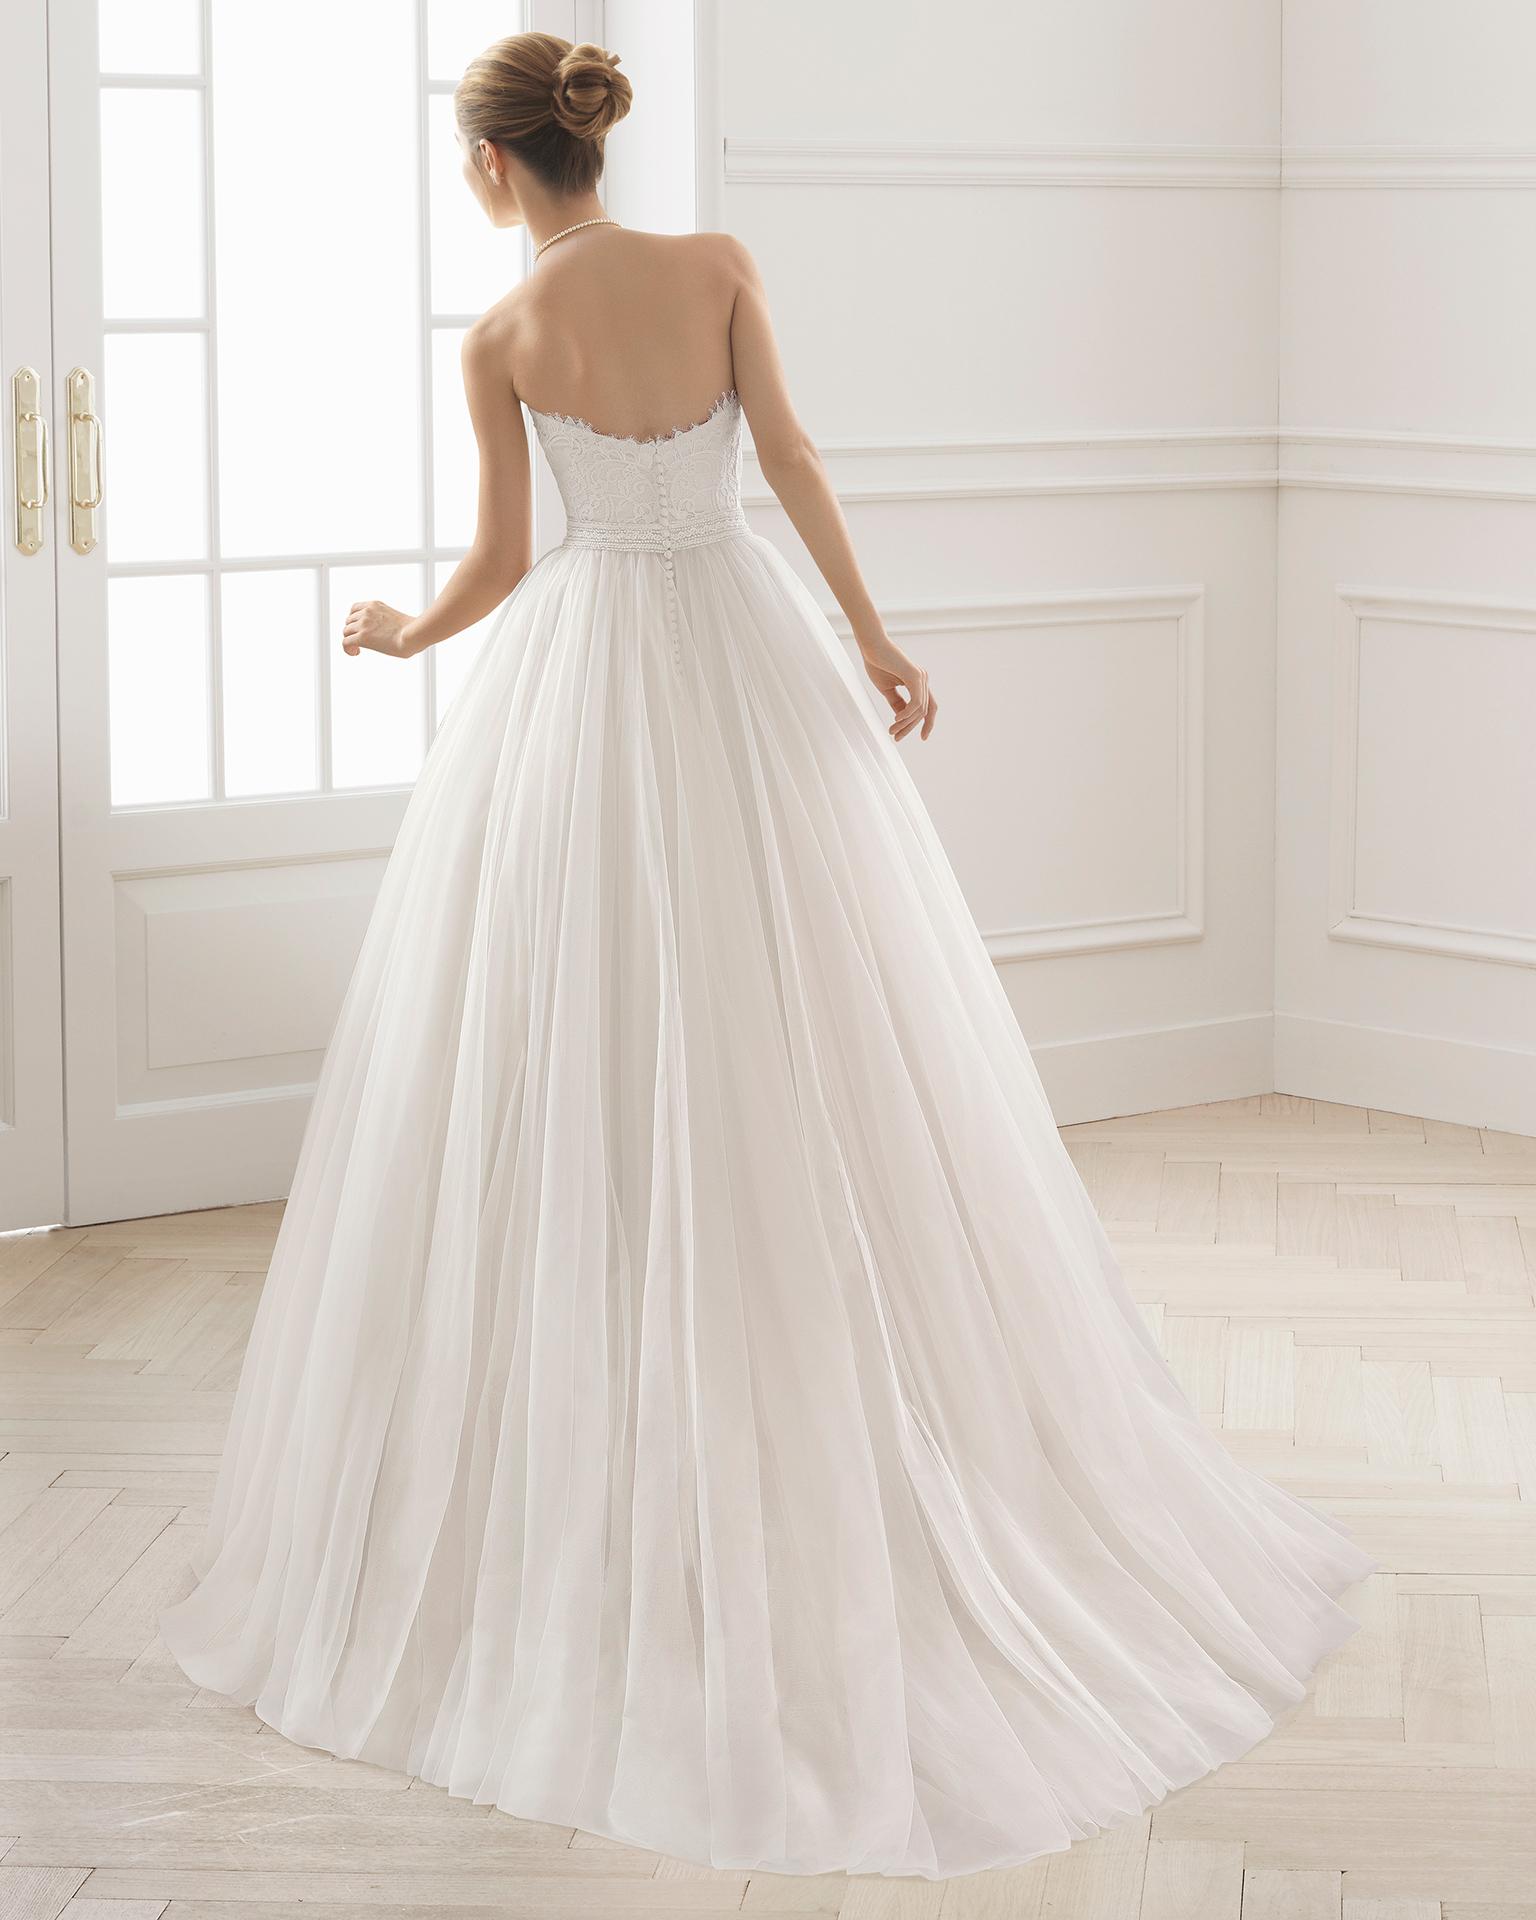 Vestido de novia princesa con cuerpo de encaje y falda de gran volumen de tul, con escote corazón, en color rose y natural.